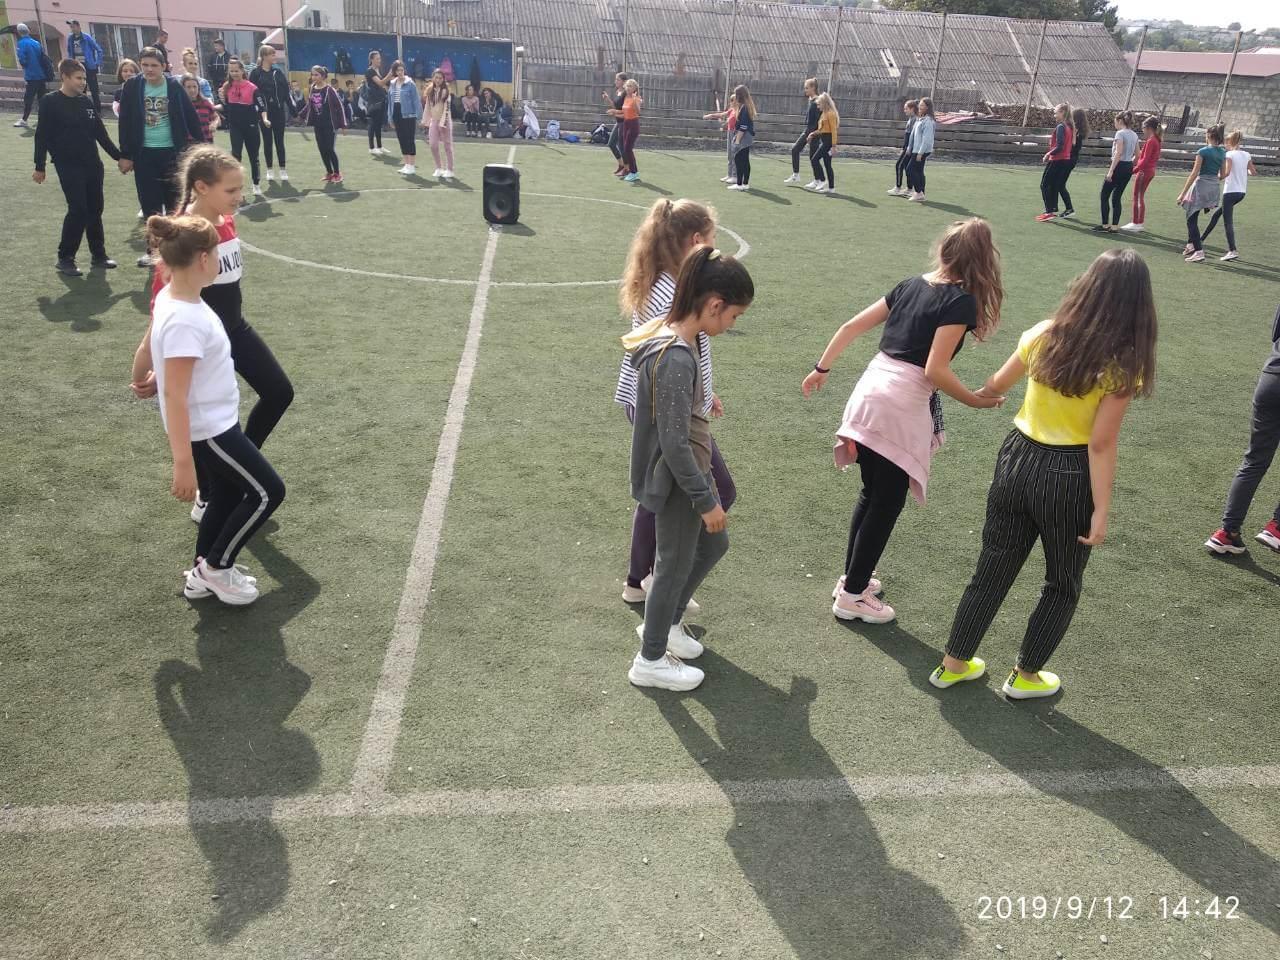 zobrazhennya viber 2019 09 13 09 57 44 - Спорт і здоров'я – дві половинки єдиного цілого